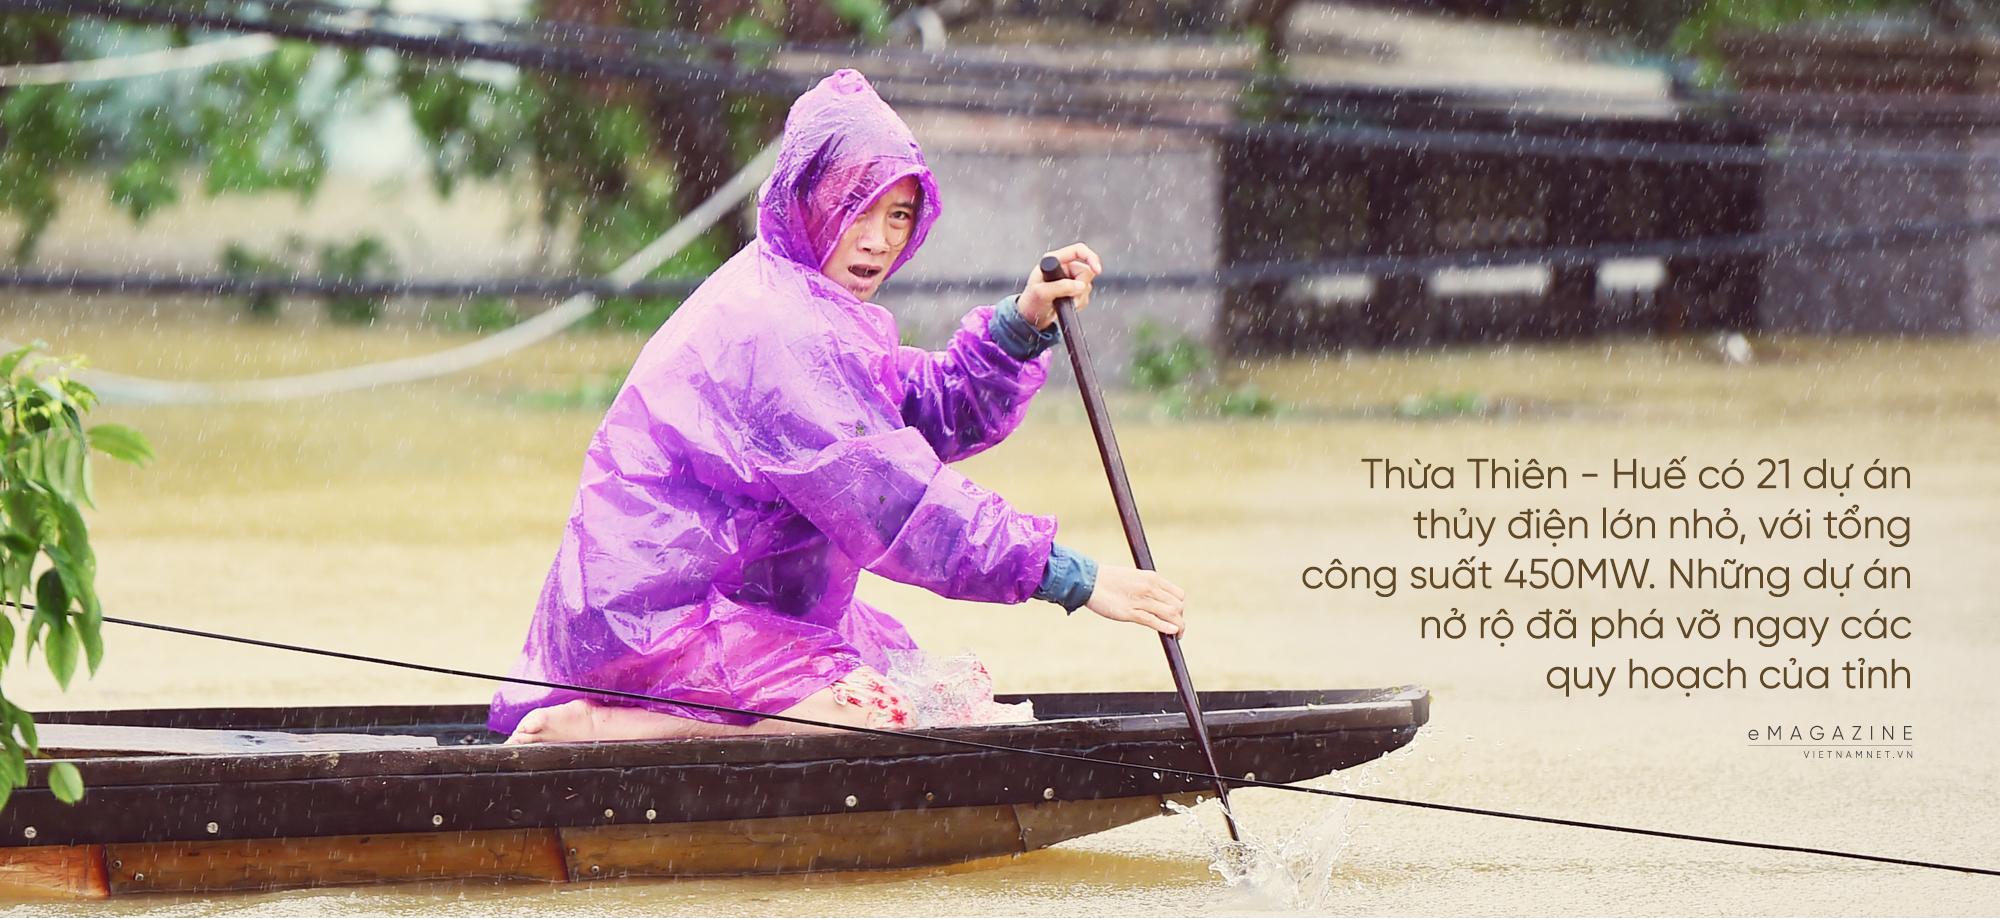 thuỷ điện,biến đổi khí hậu,lũ lụt miền trung